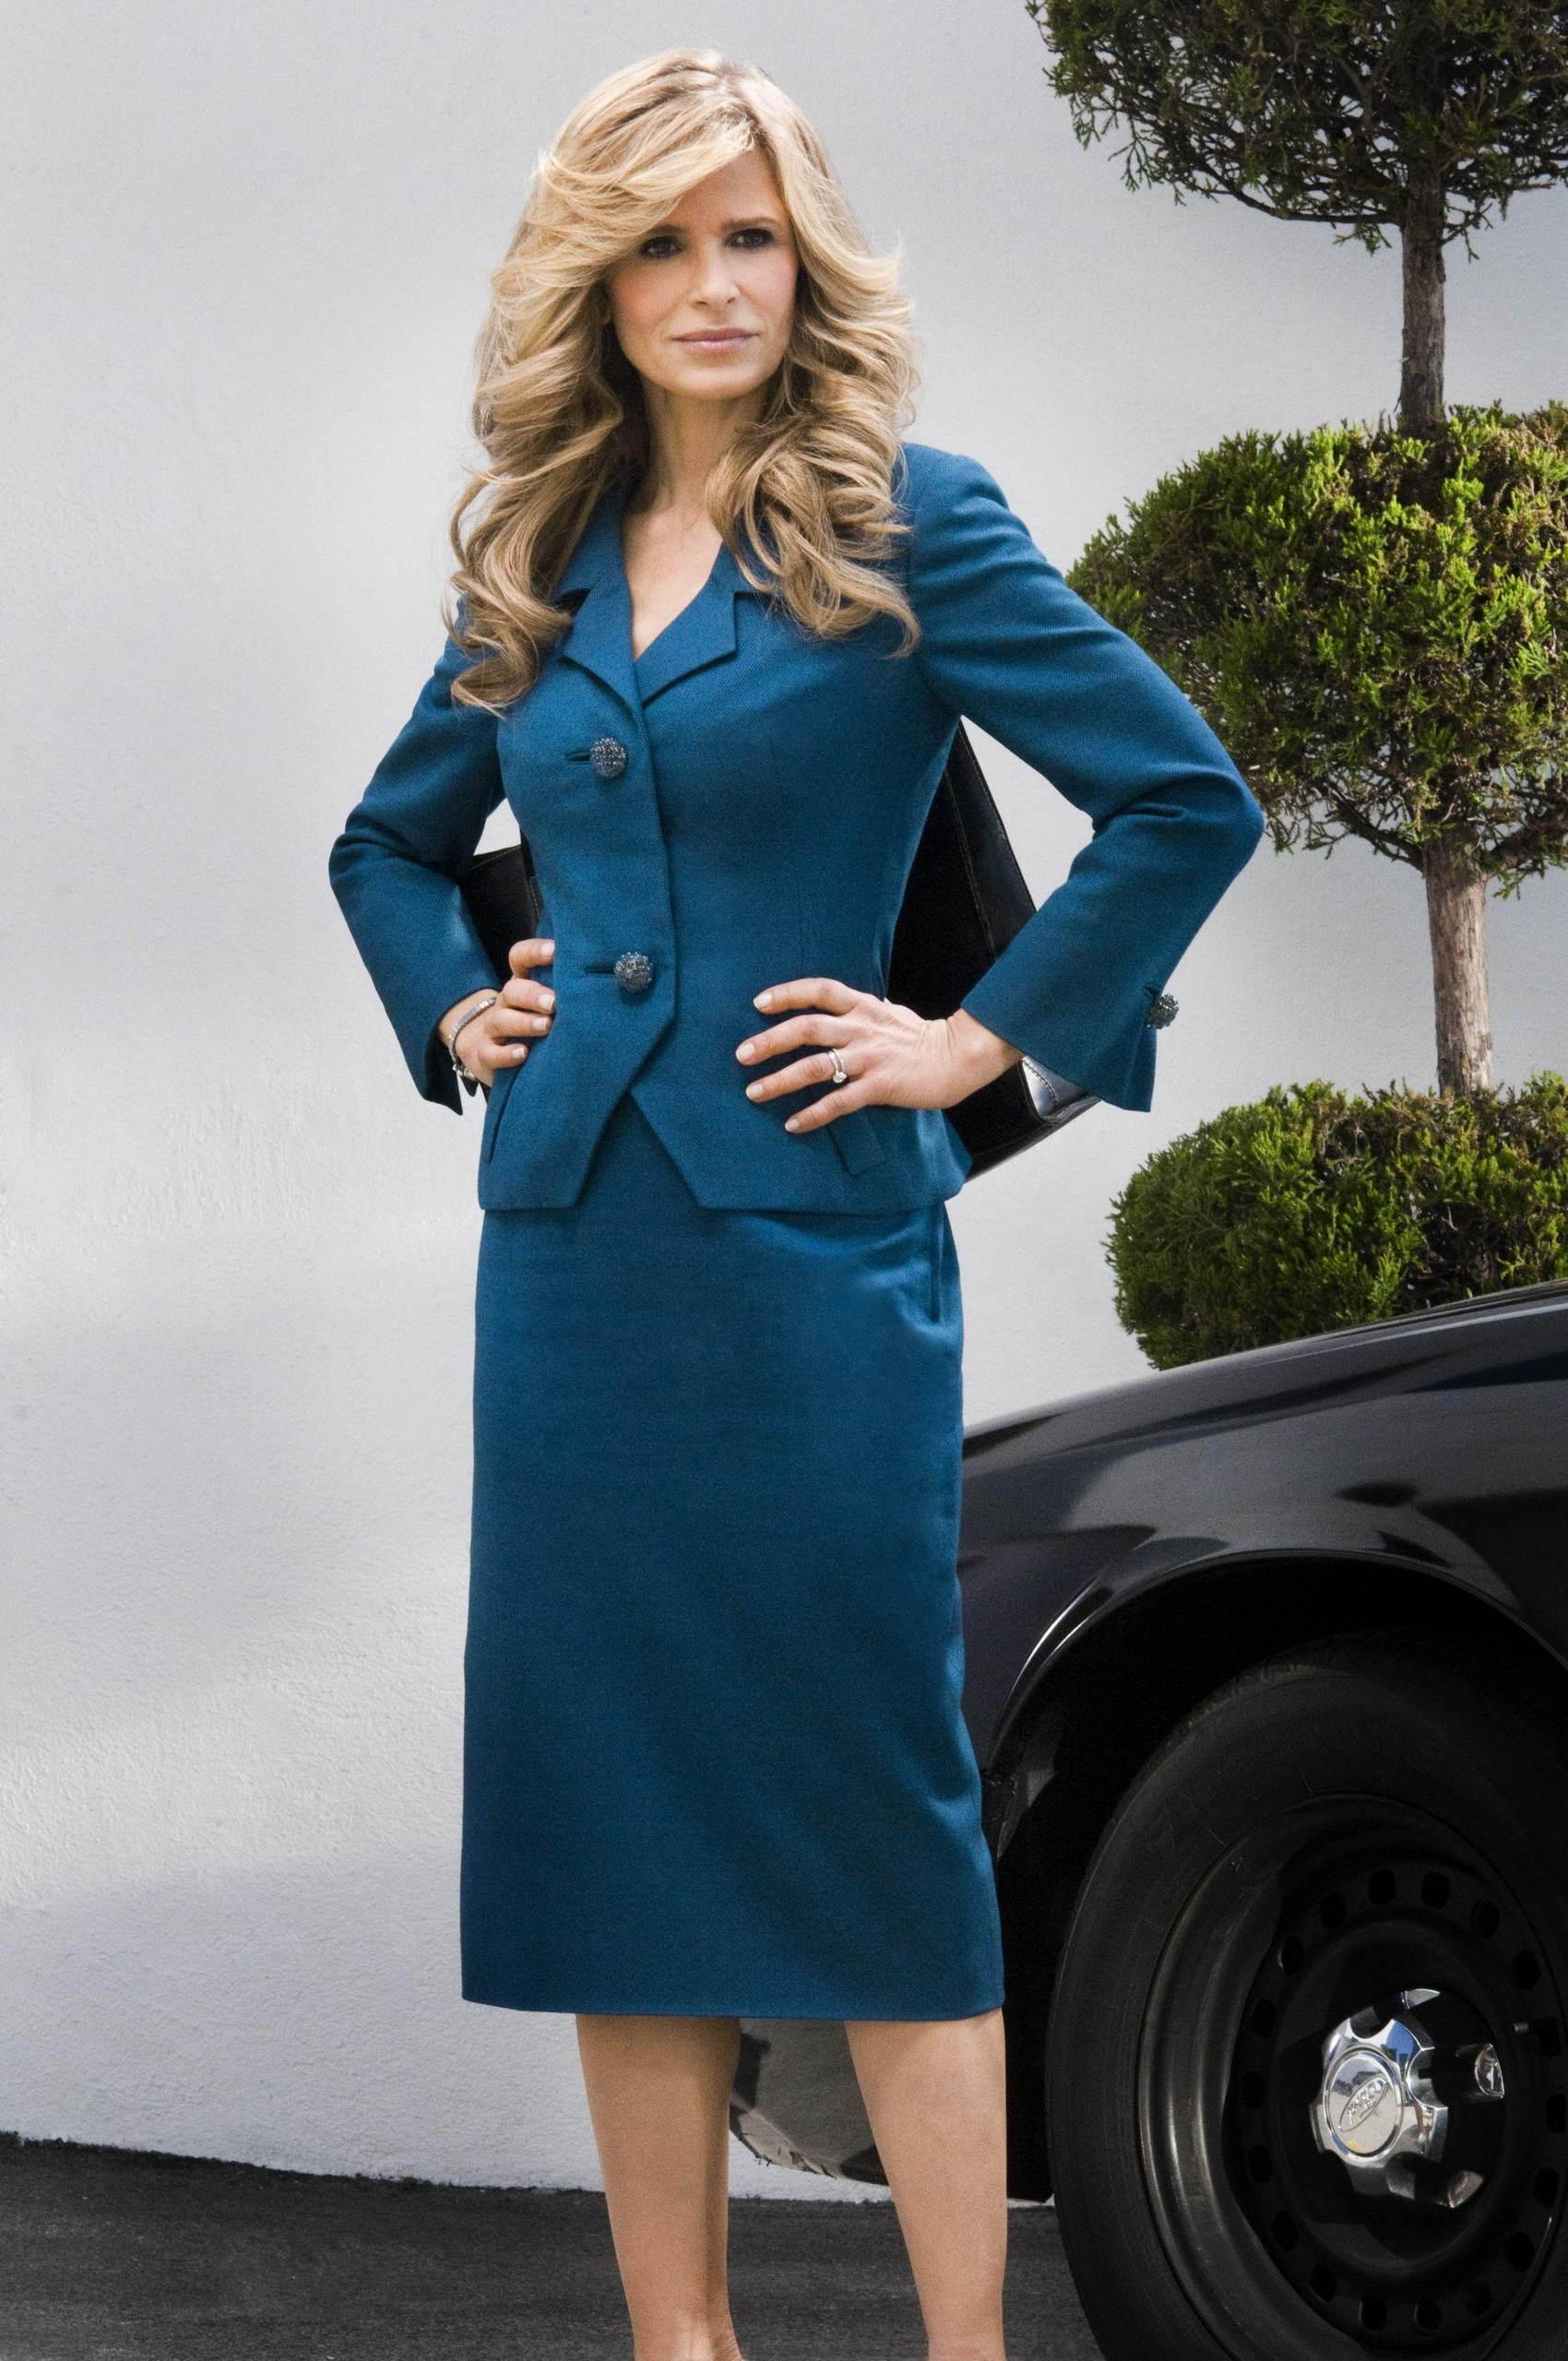 brenda blue suit1